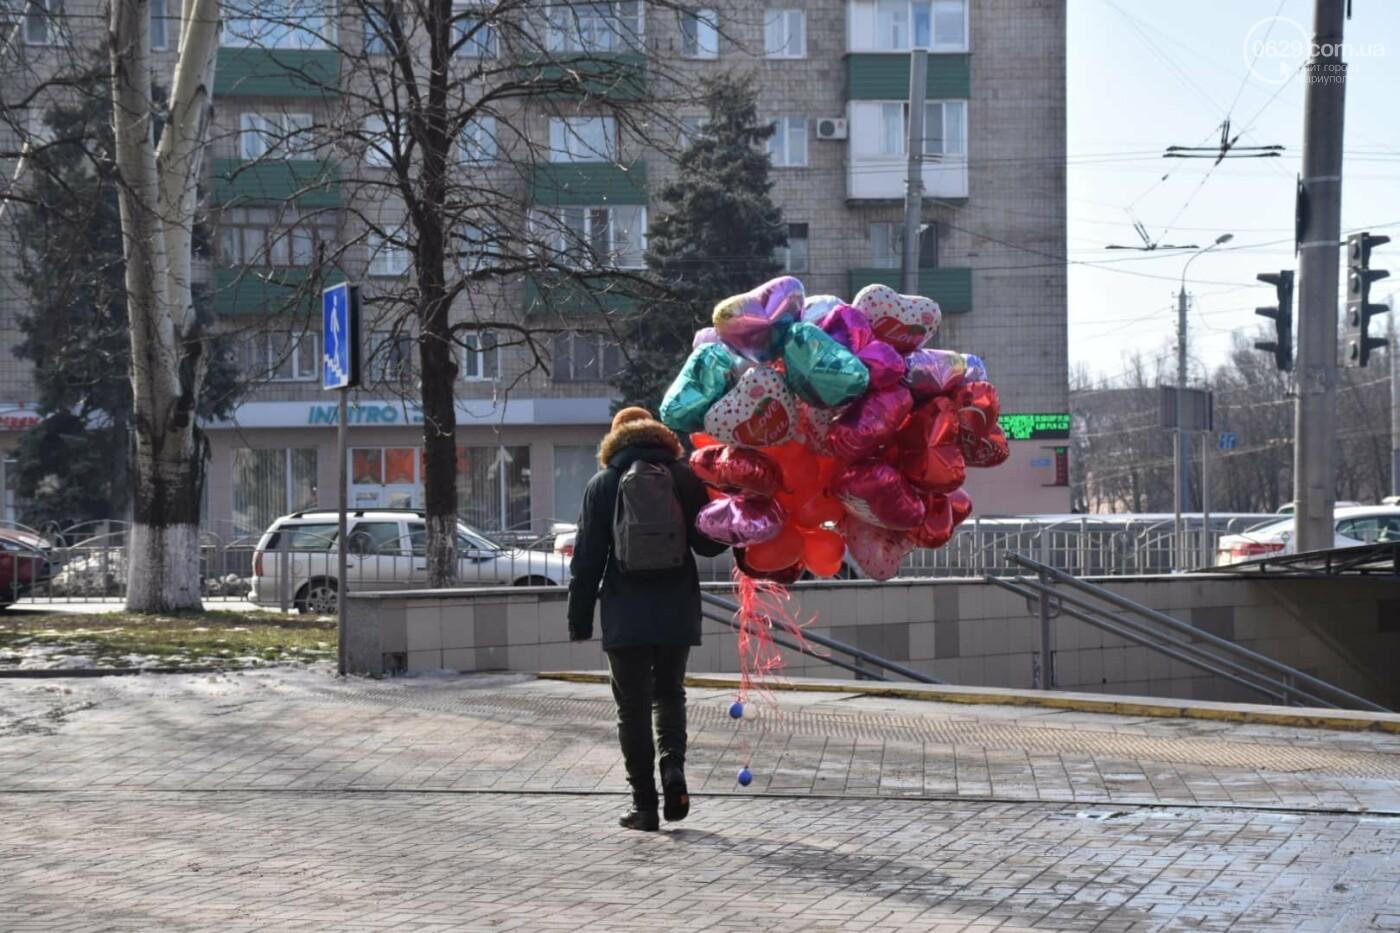 День Святого Валентина в Мариуполе: цветы, шары и мужчины-романтики, - ФОТОРЕПОРТАЖ, фото-1